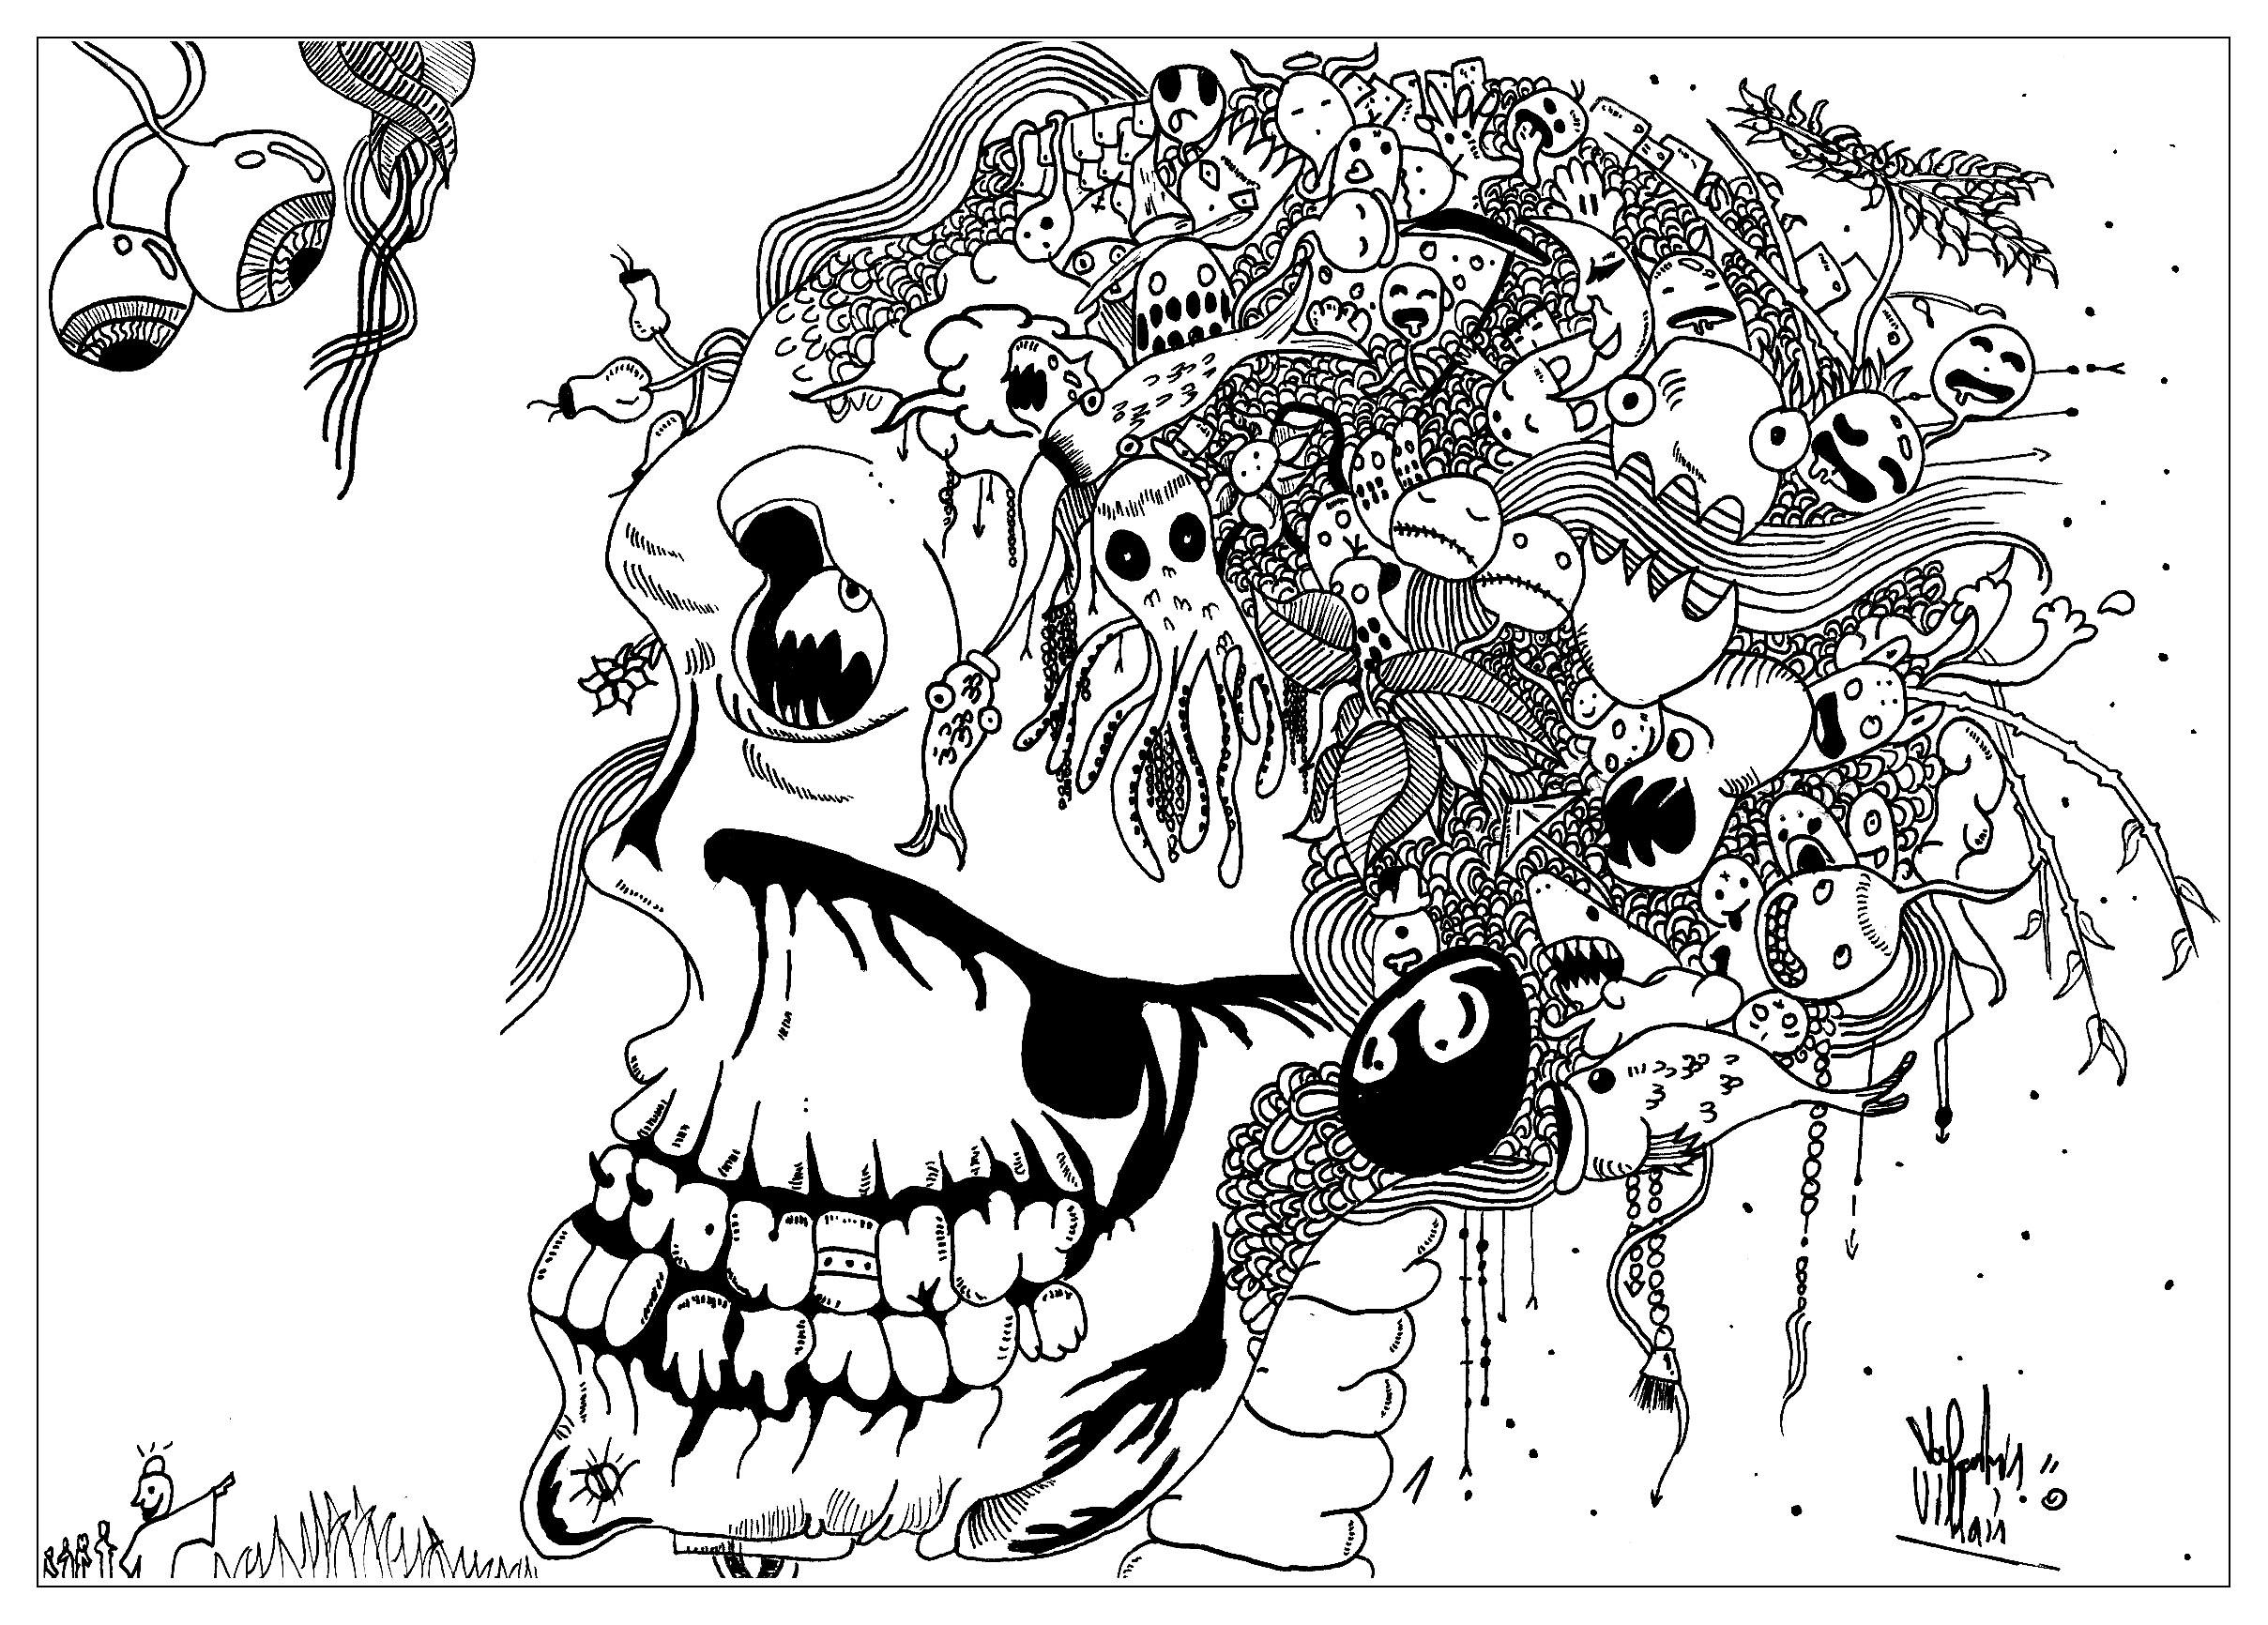 Dessin Doodle Tete De Mort Doodles Coloriages Difficiles Pour